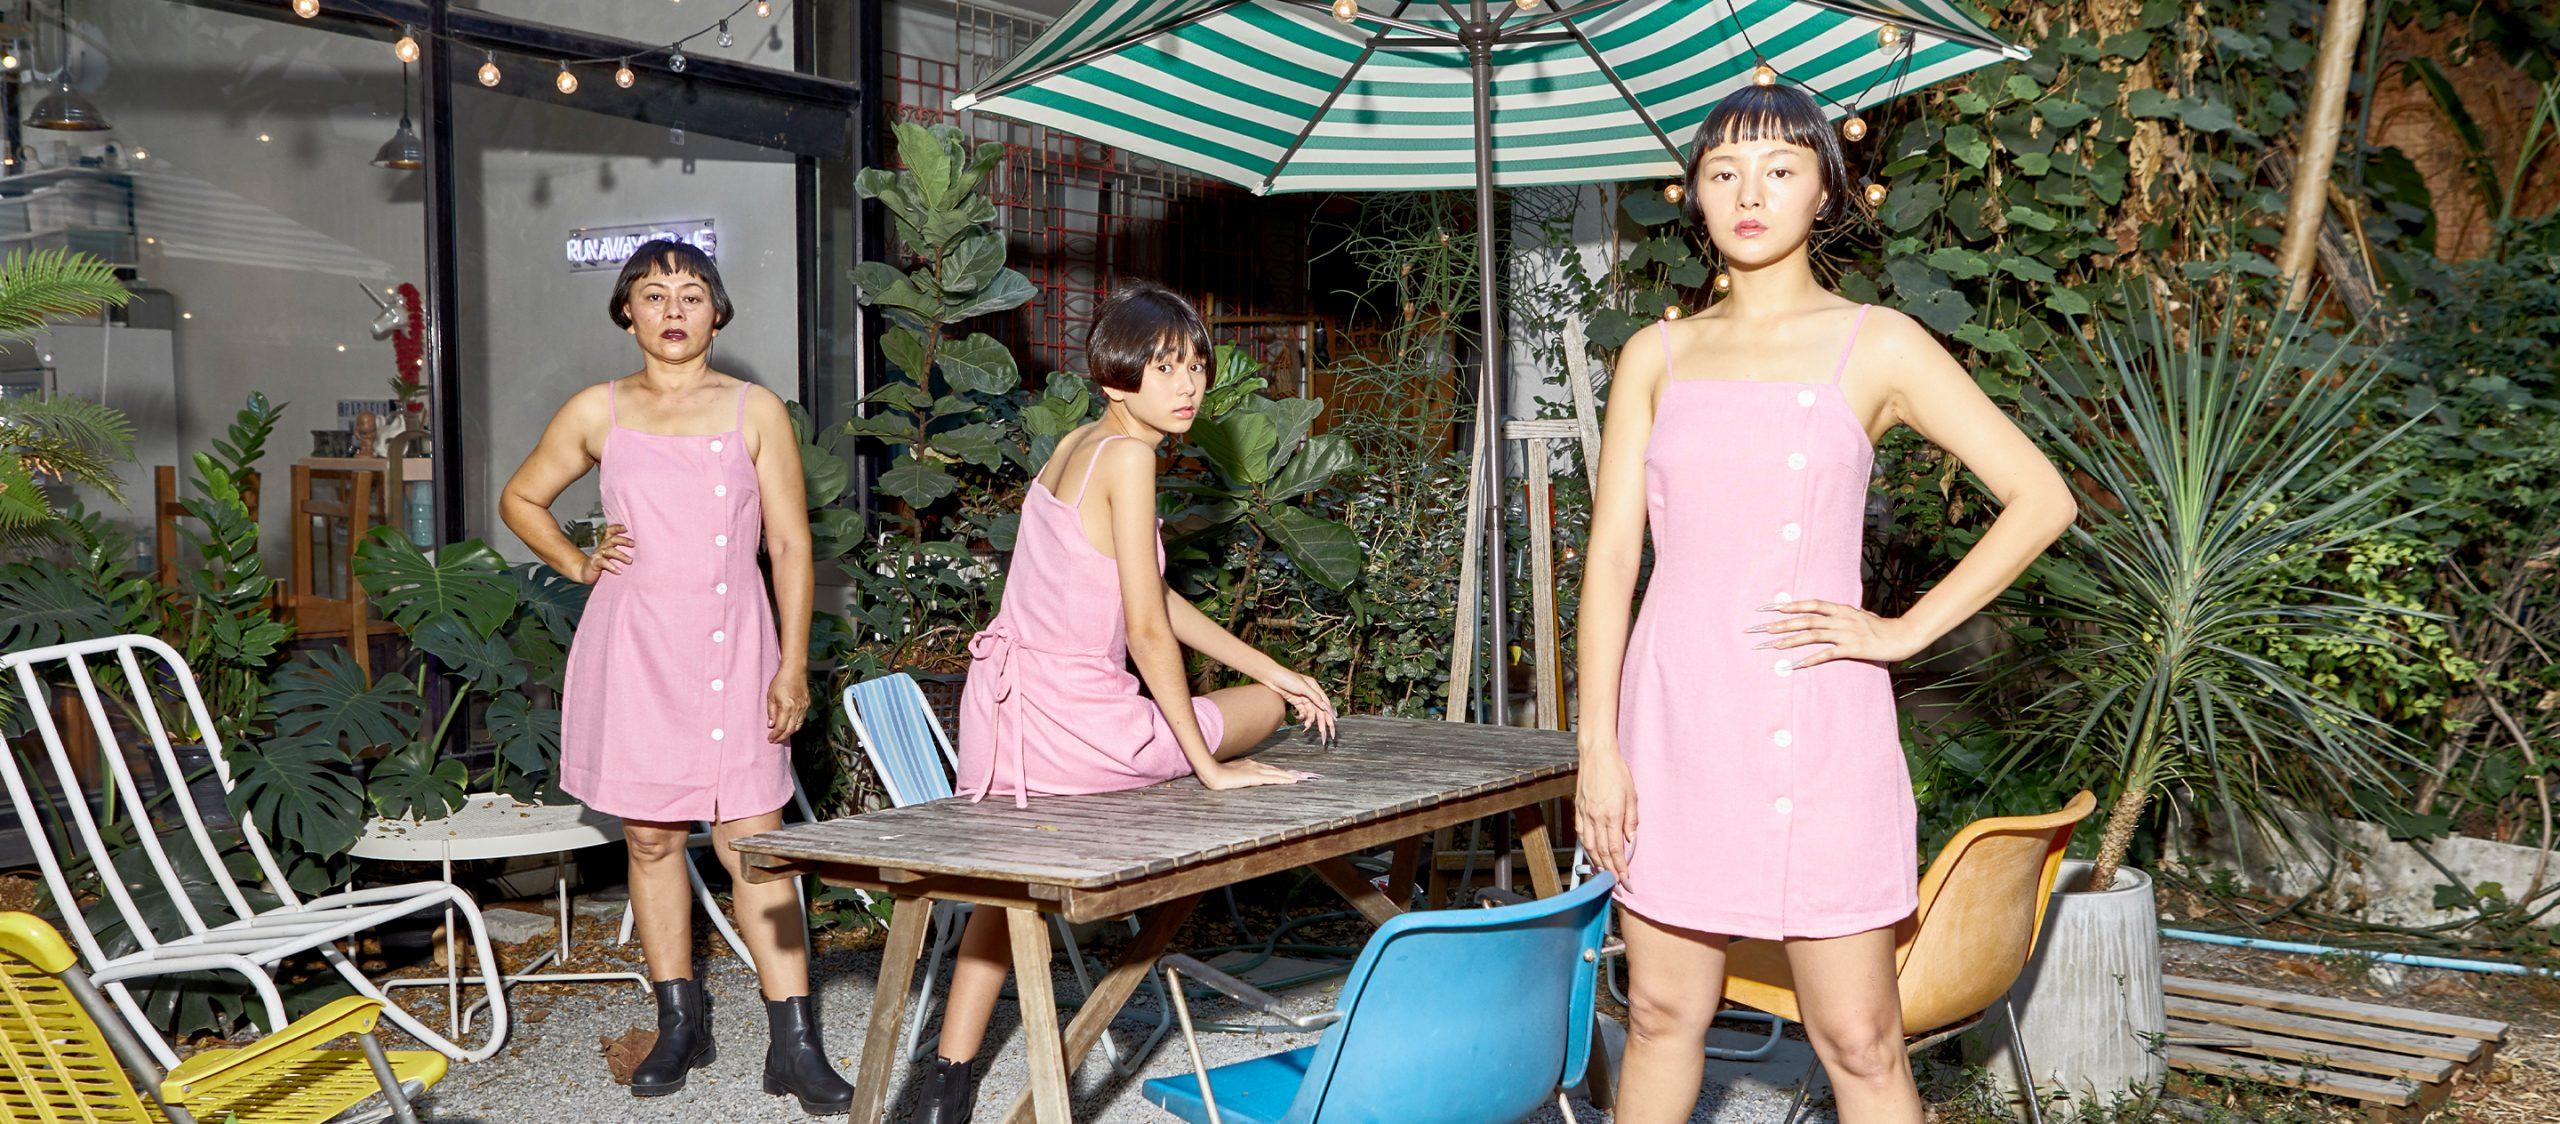 แฝดในแฝดในแฝด คุยกับ 3 สาวจาก Supanaree story เพจที่เชื่อมความเข้าใจในครอบครัวด้วยแฟชั่น